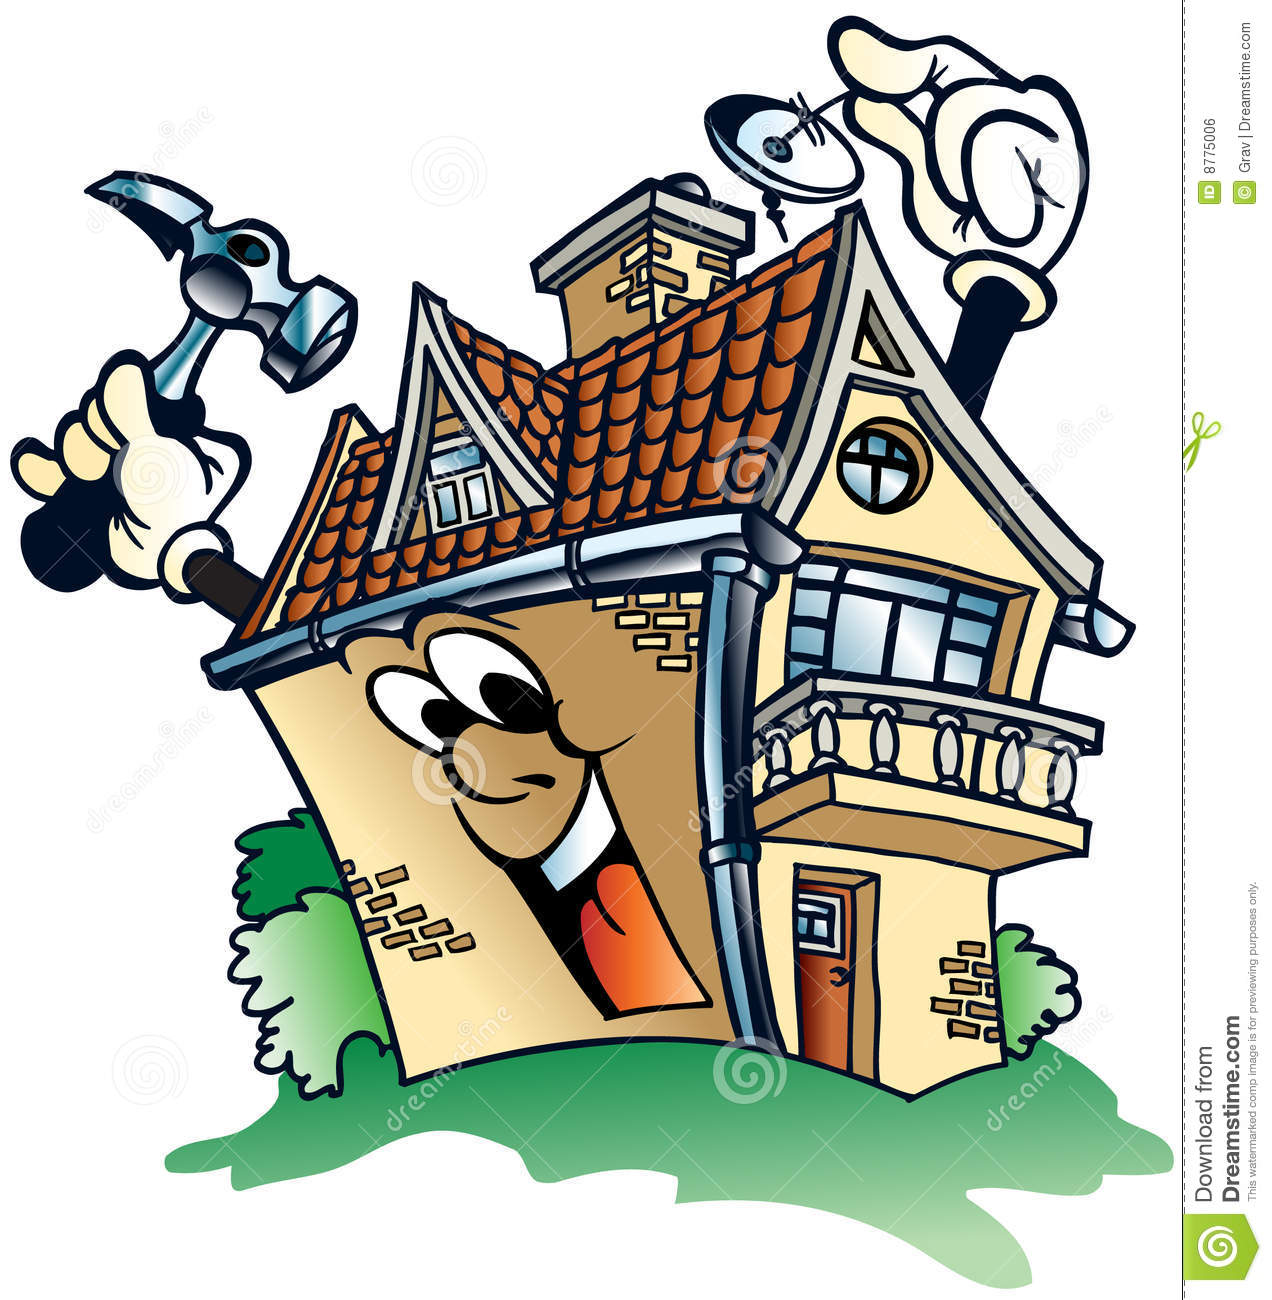 home repair clipart - photo #4